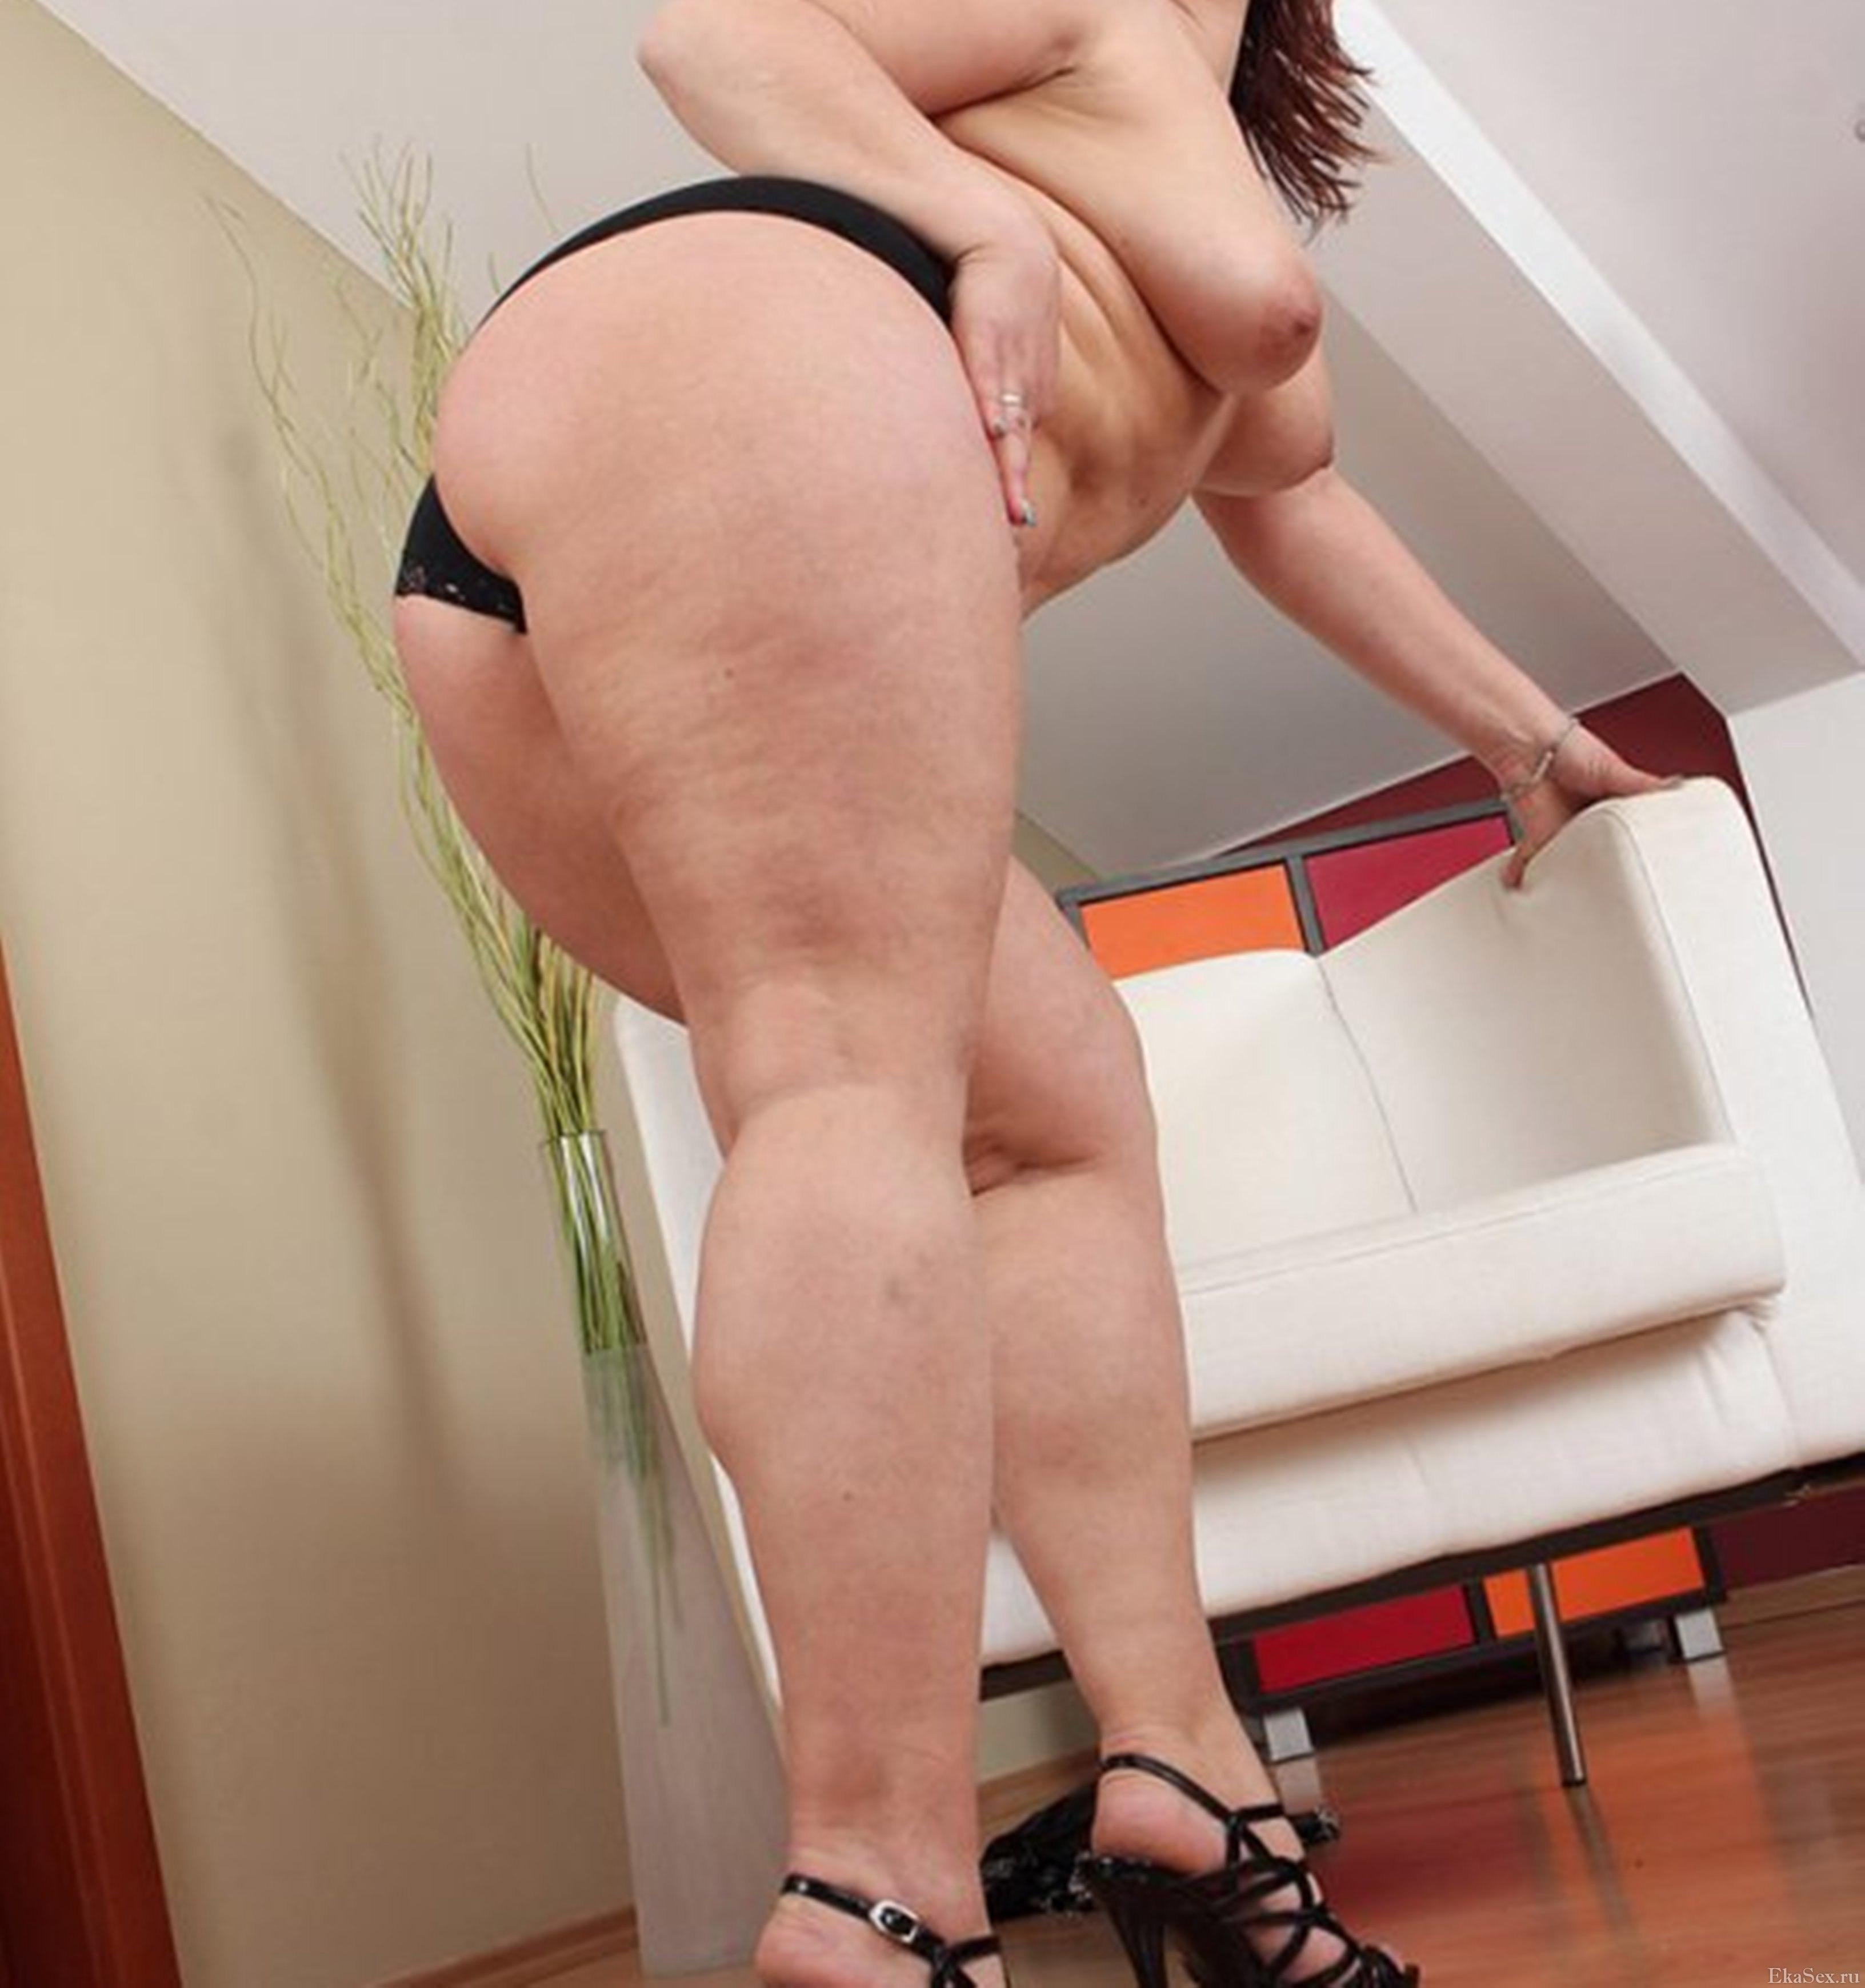 фото проститутки Оленька из города Екатеринбург